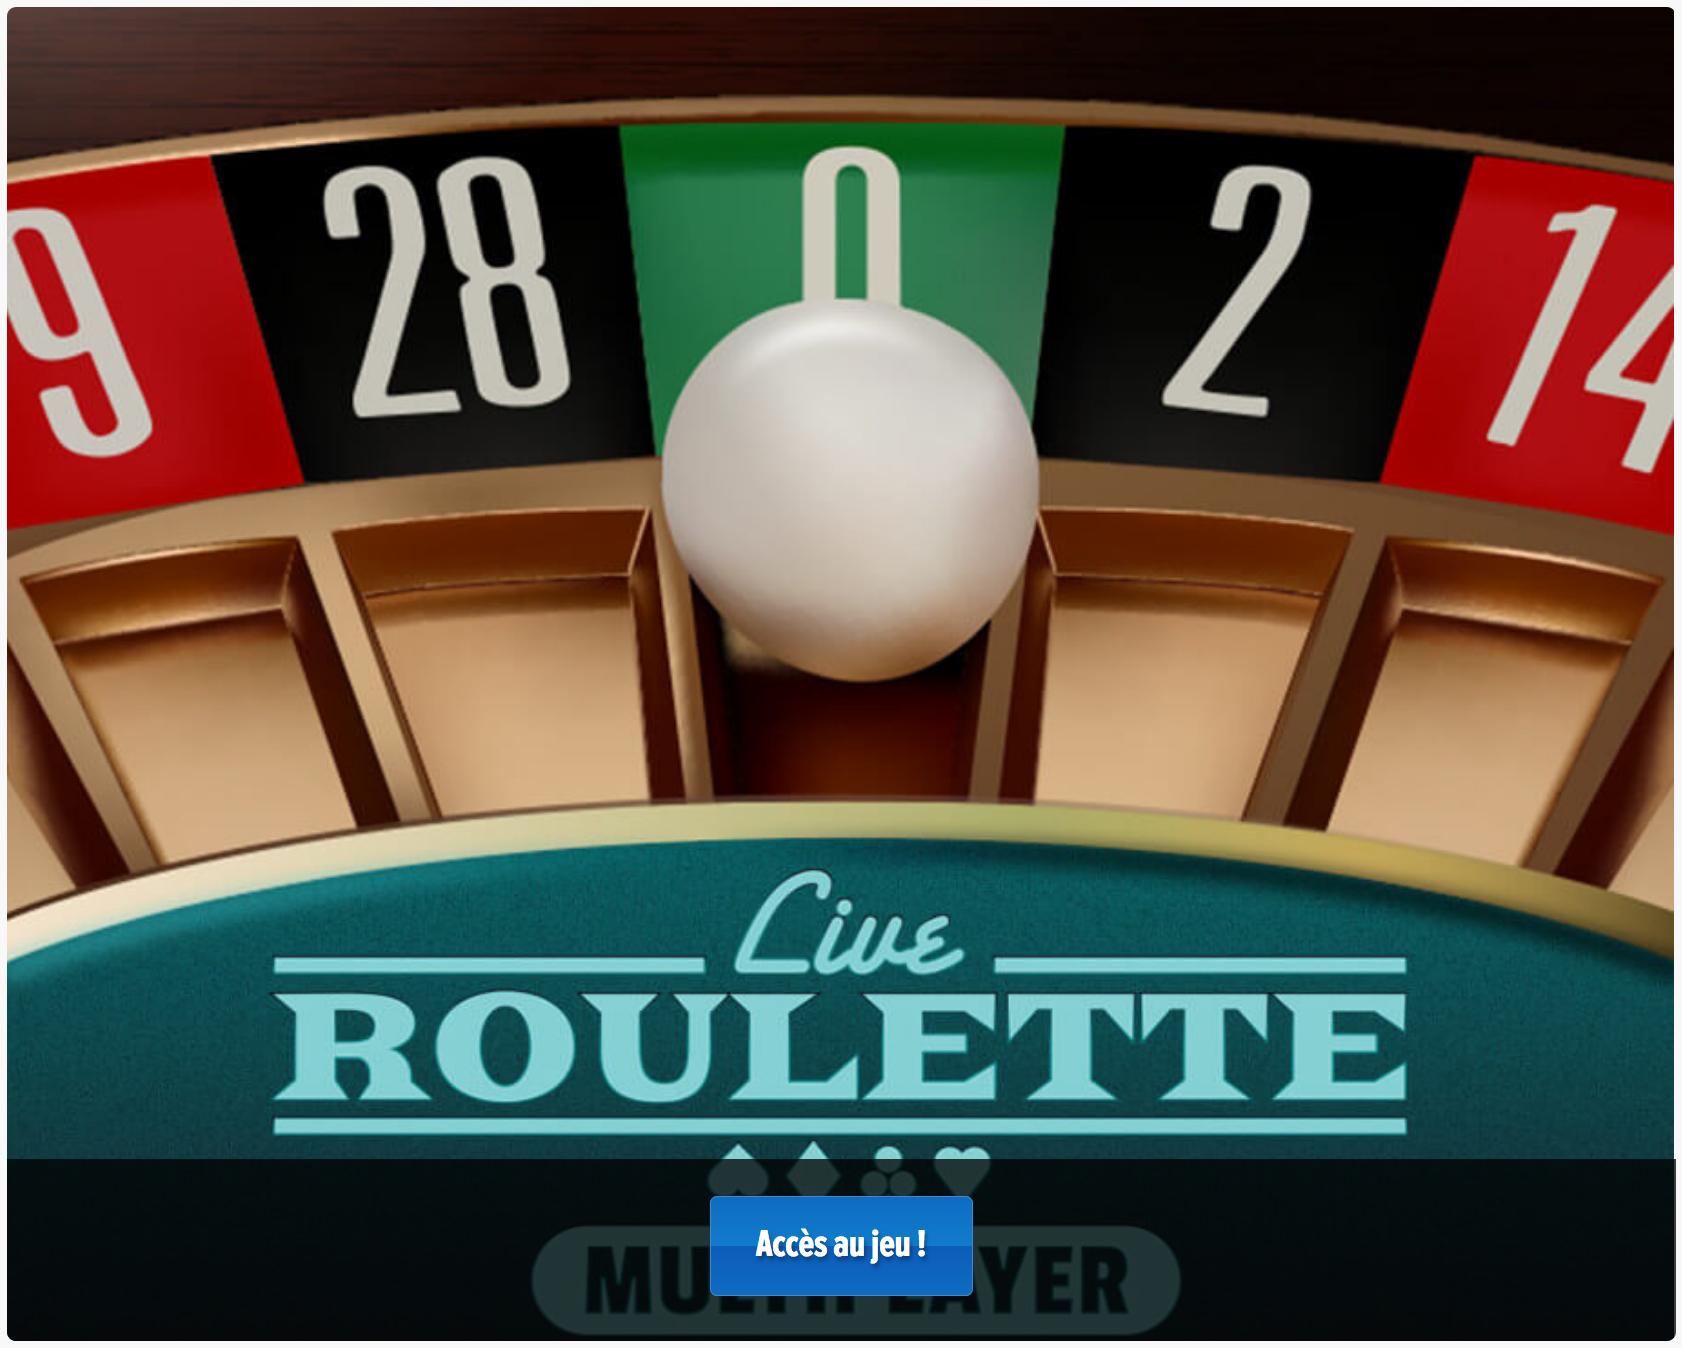 Roulette En Ligne Multijoueur Gratuite : Joueurs Réels intérieur Jeux De Billes En Ligne